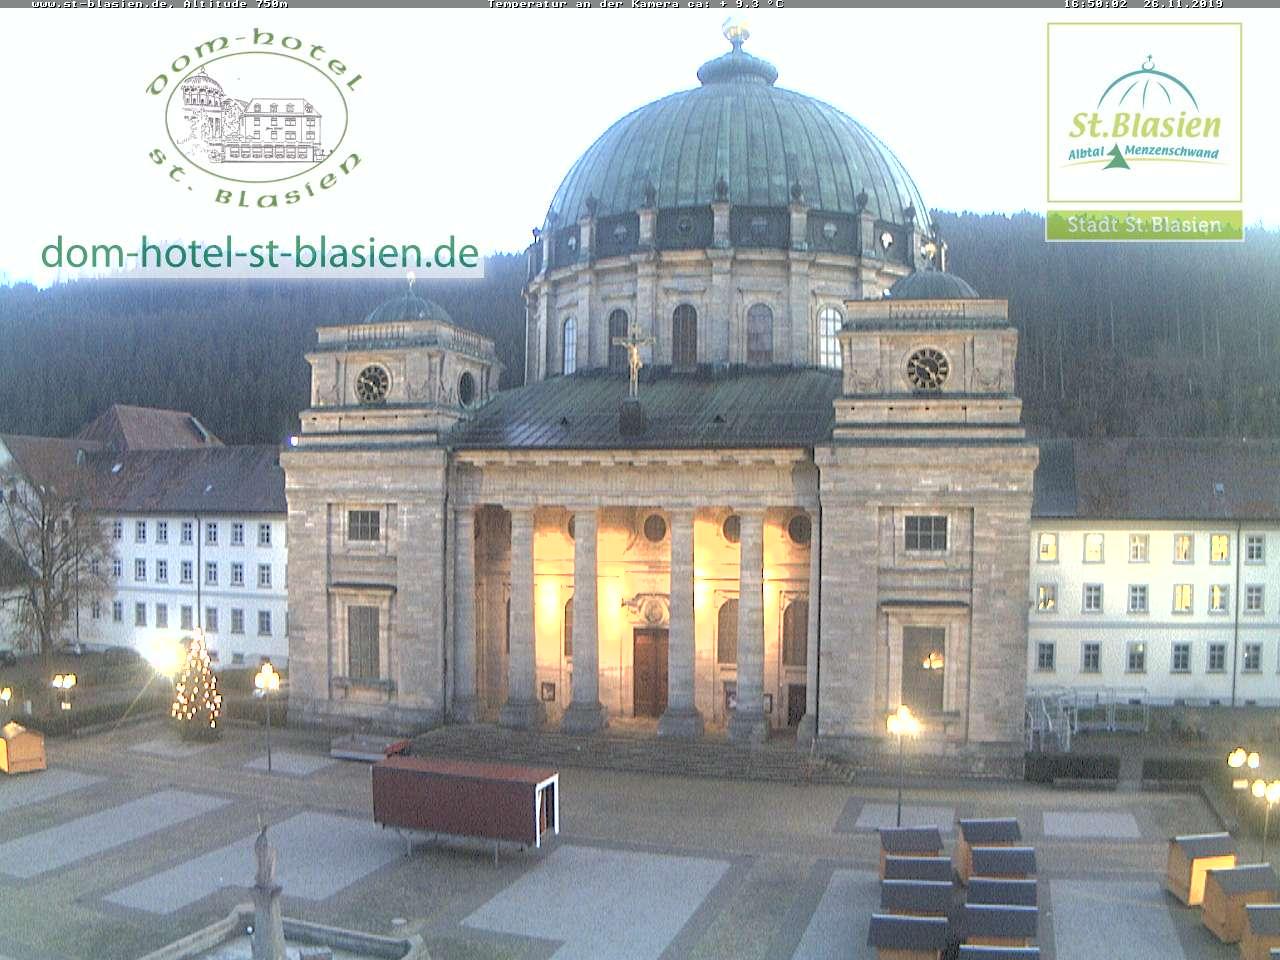 St. Blasien – Domplatz